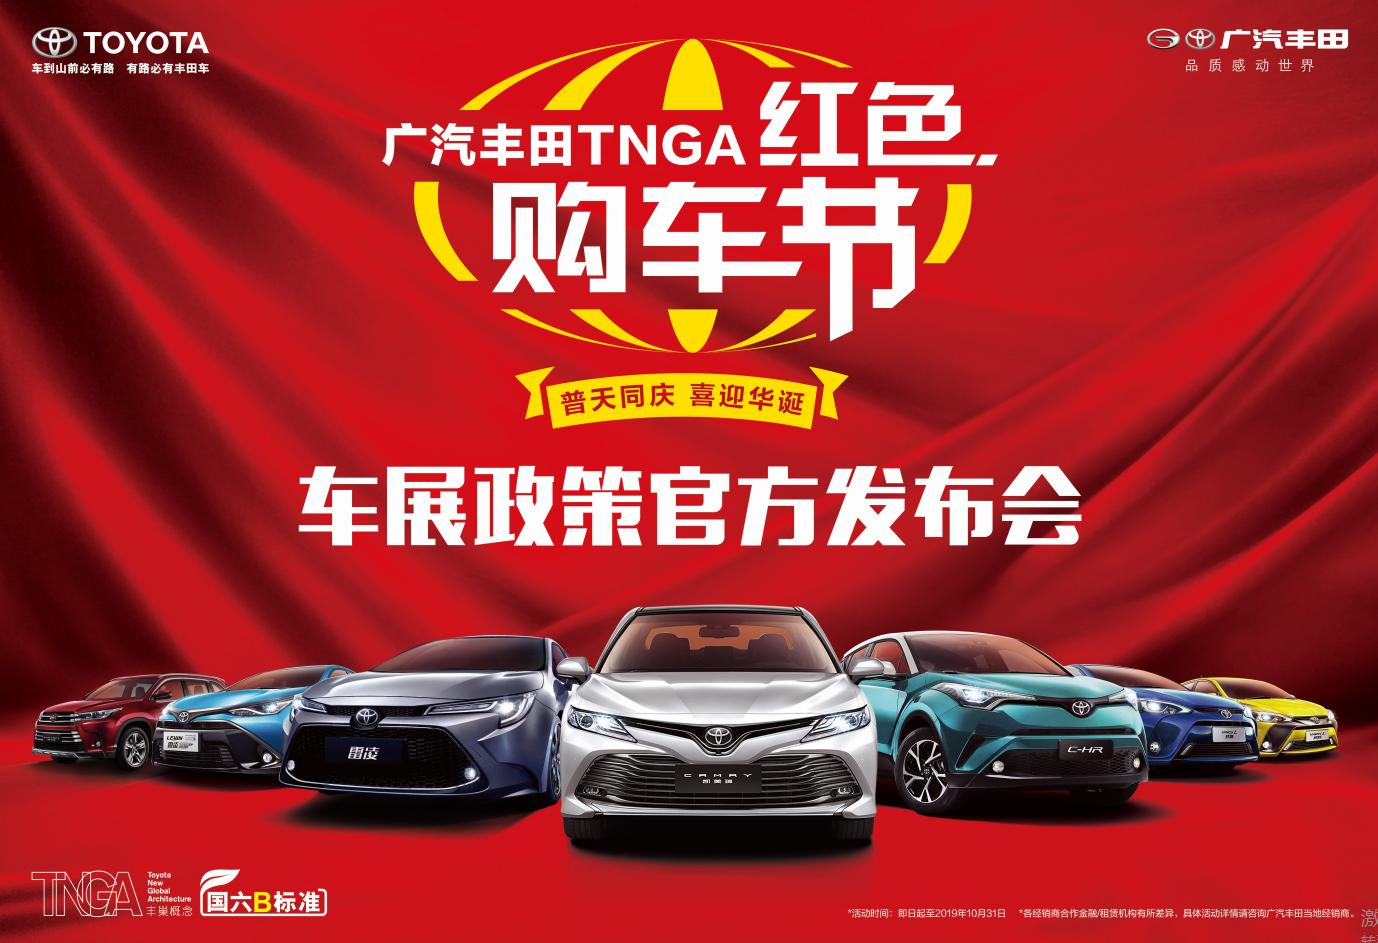 顺骋丰田十一车展政策官方发布会